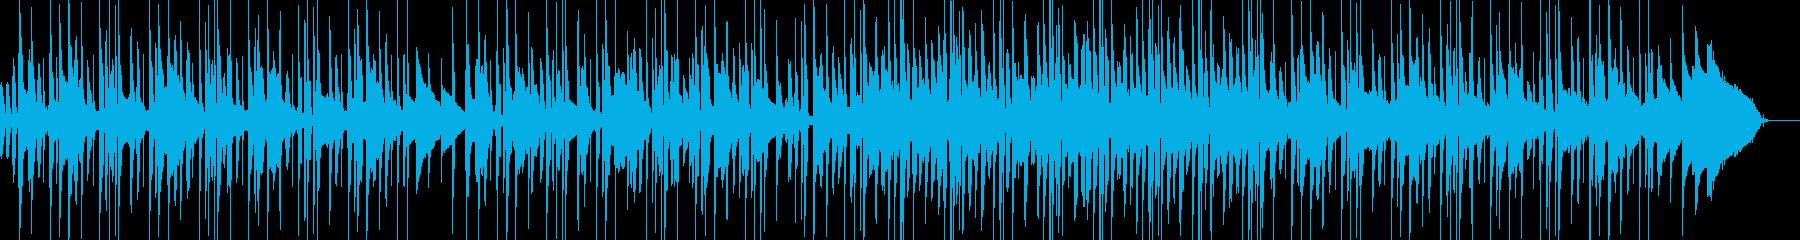 哀愁のあるネオソウルの再生済みの波形